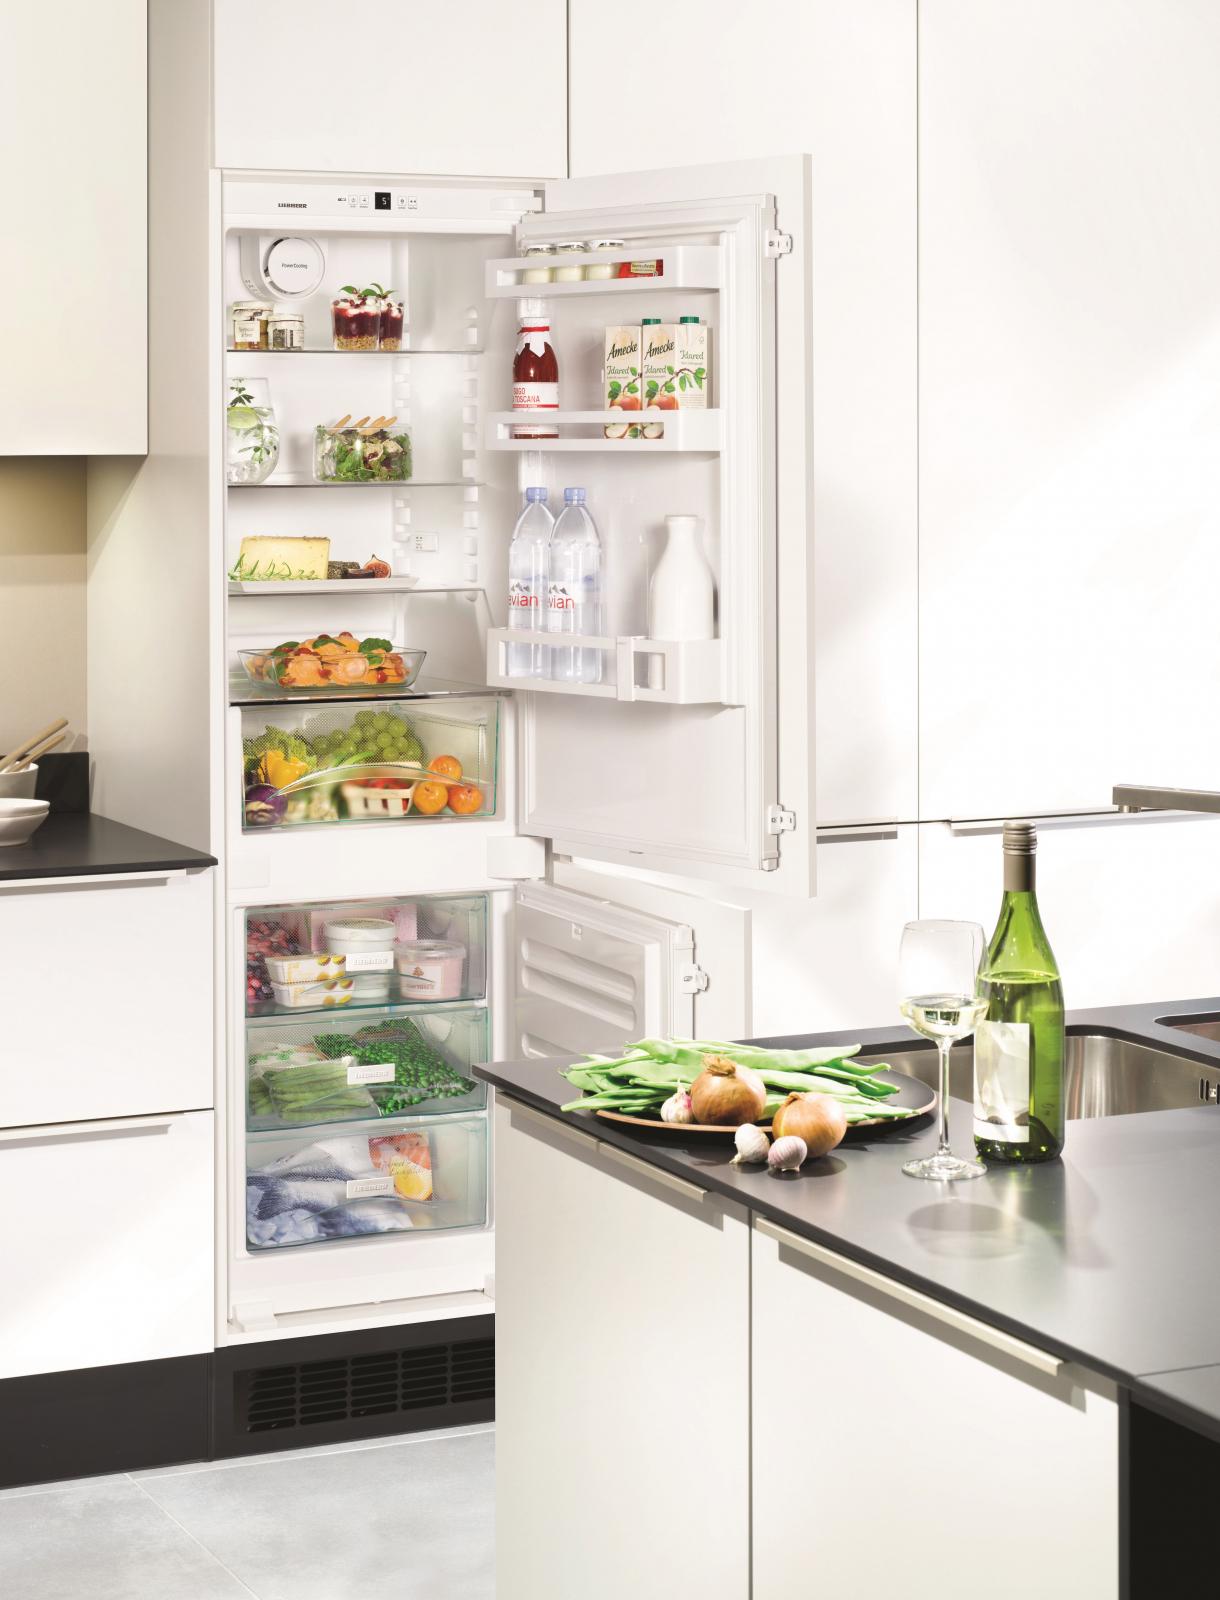 купить Встраиваемый двухкамерный холодильник Liebherr ICUS 3324 Украина фото 5